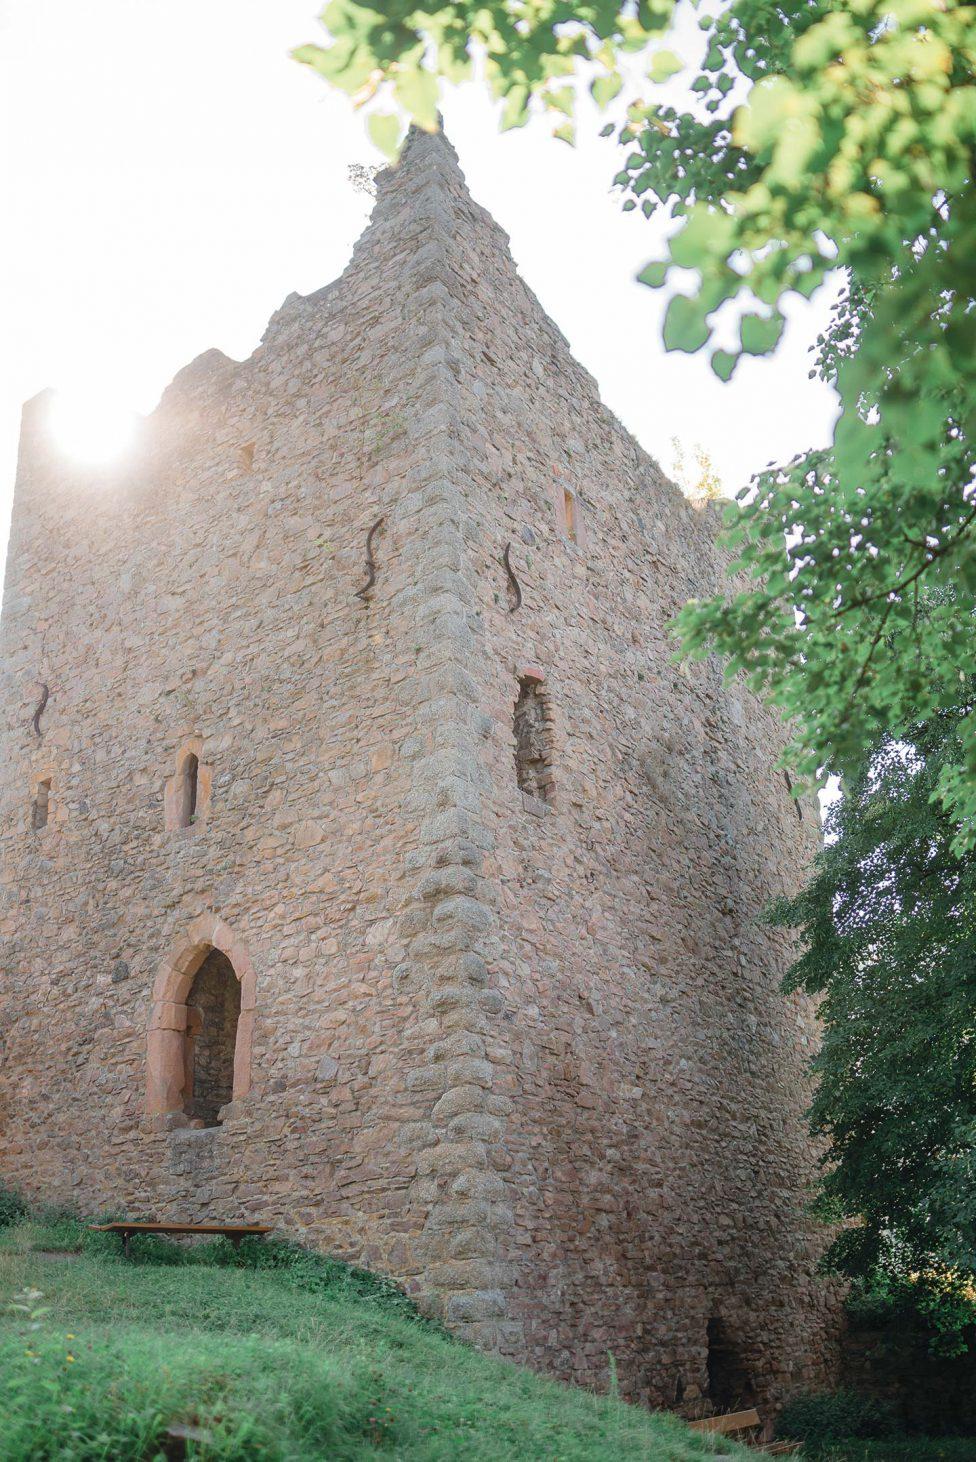 Burgruine Schauenburg: Natürlichkeit trifft Tradition